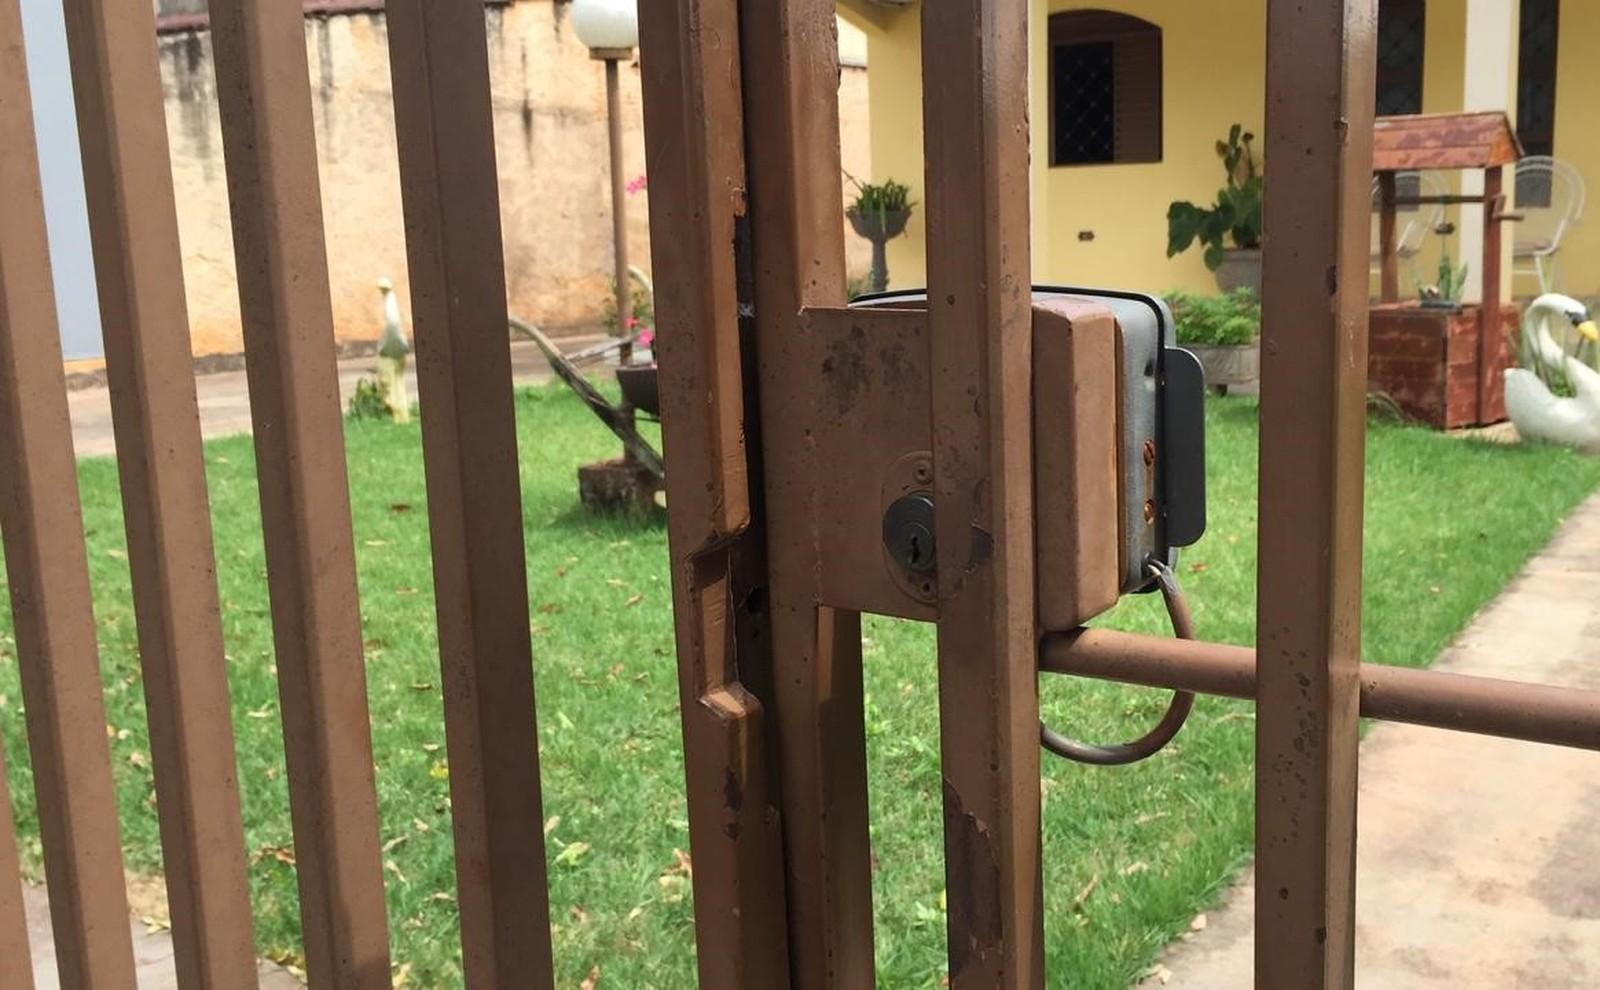 Troca de tiros ocorreu em Teodoro Sampaio — Foto: Bruna Bachega/TV Fronteira